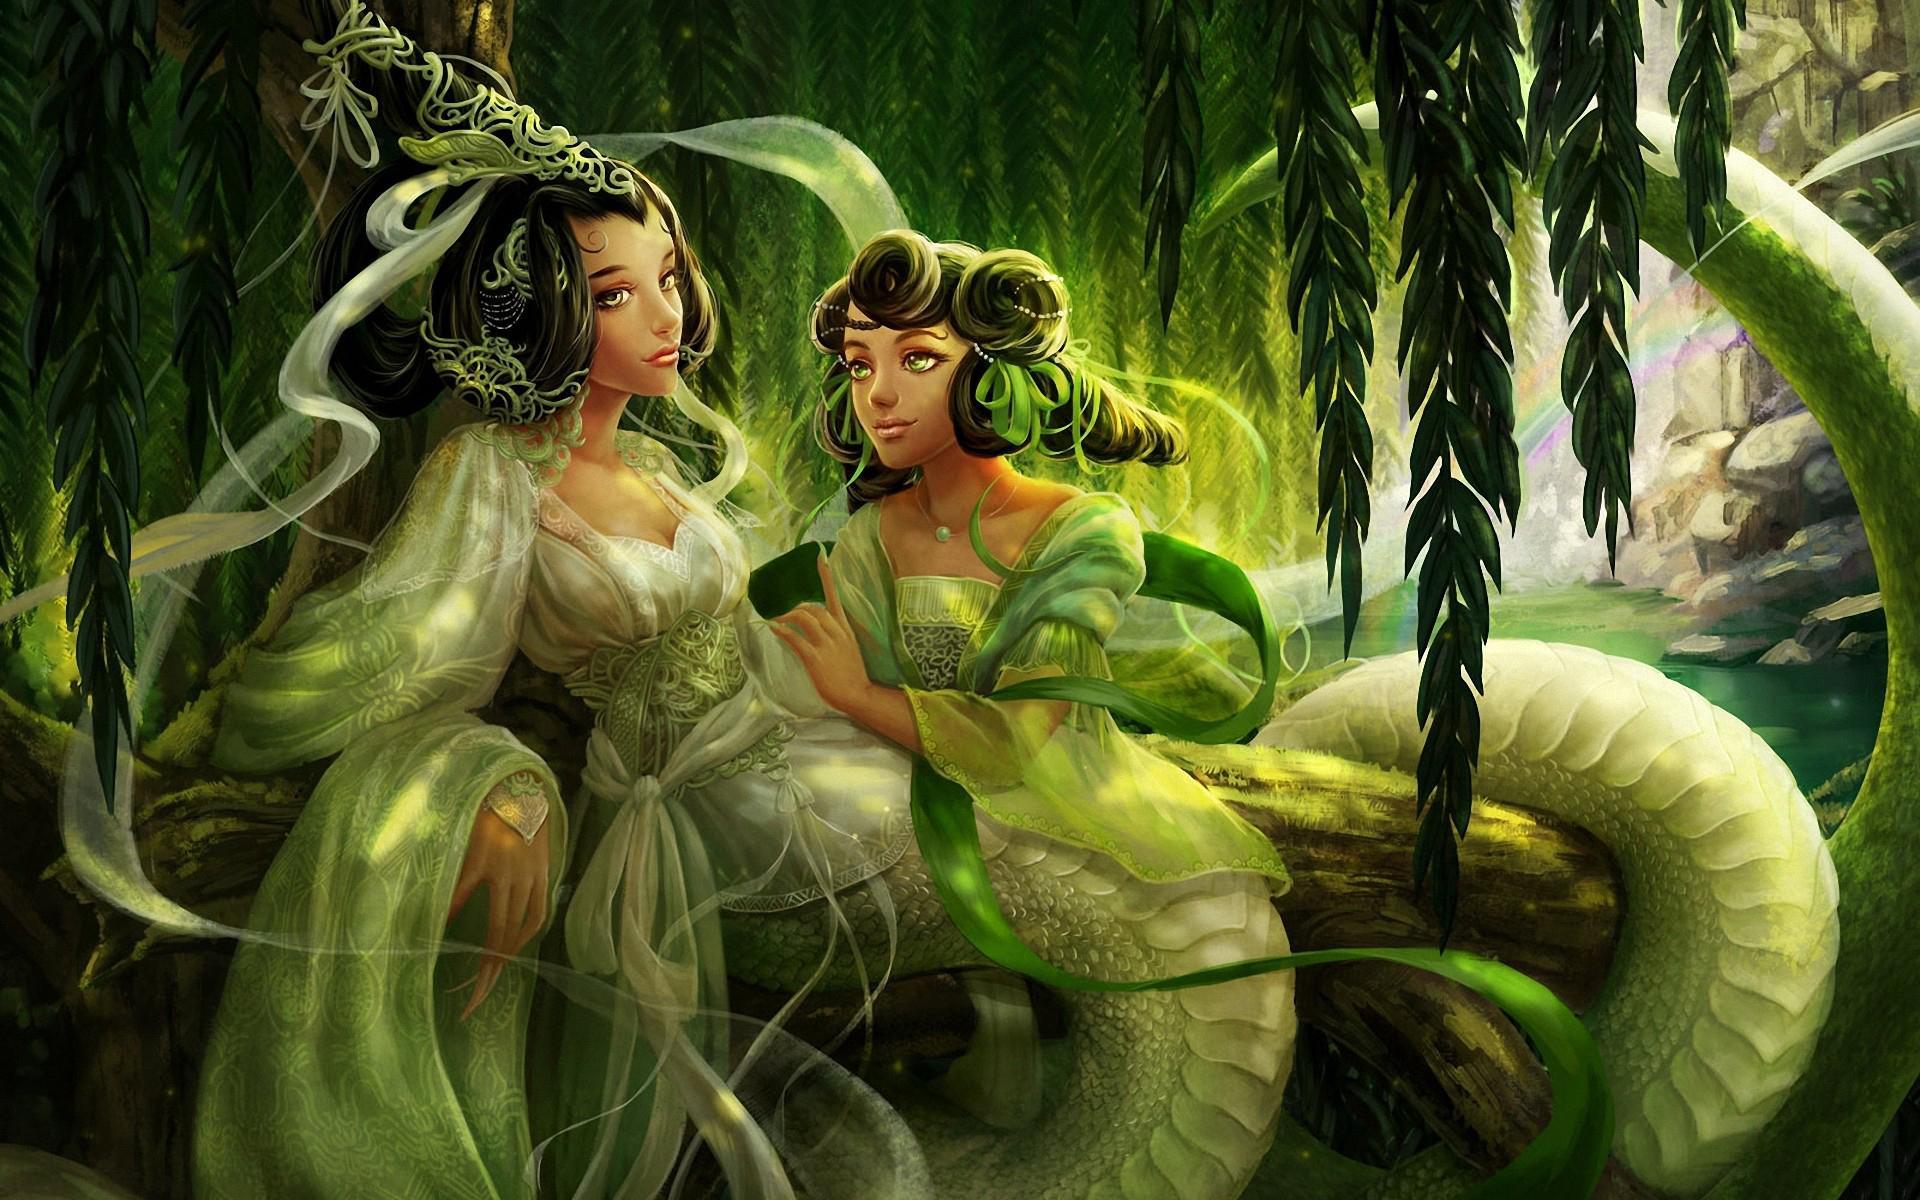 Описание две полу девушки полу змеи с